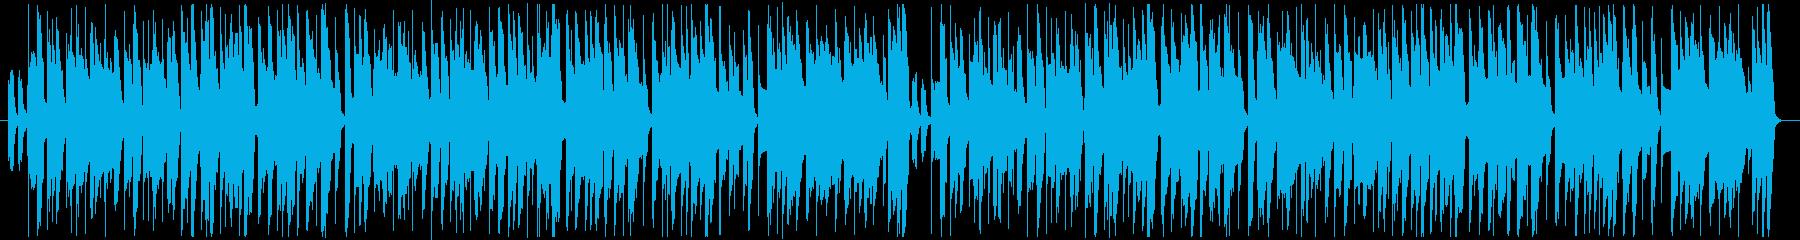 ほのぼの楽しいPopな曲の再生済みの波形